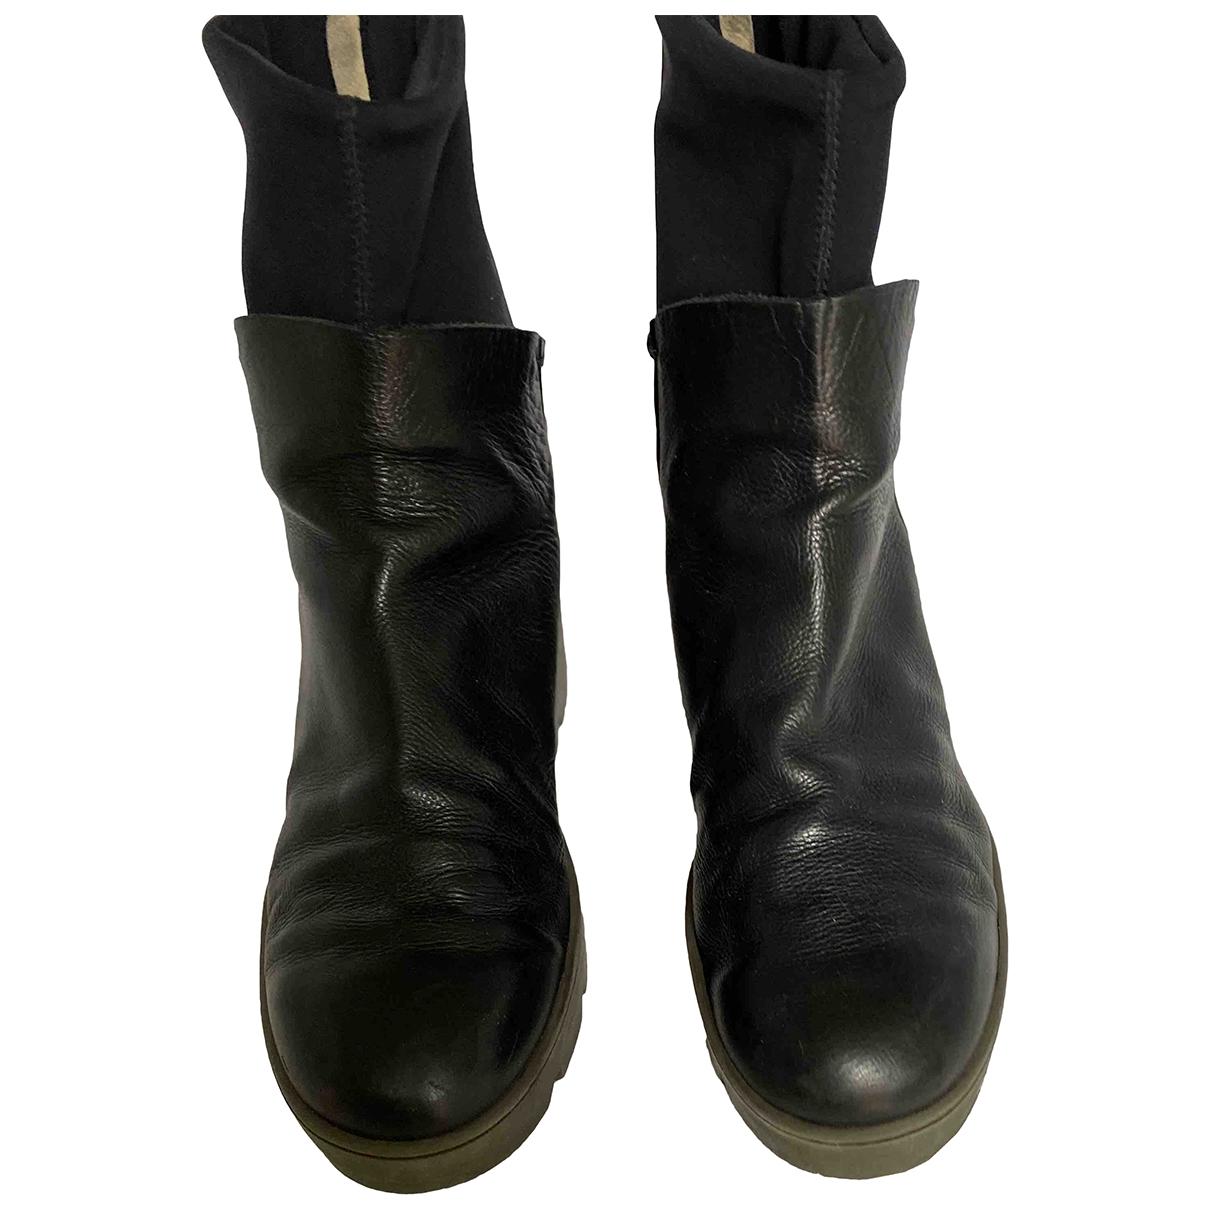 Chiarini Bologna - Boots   pour femme en cuir - noir